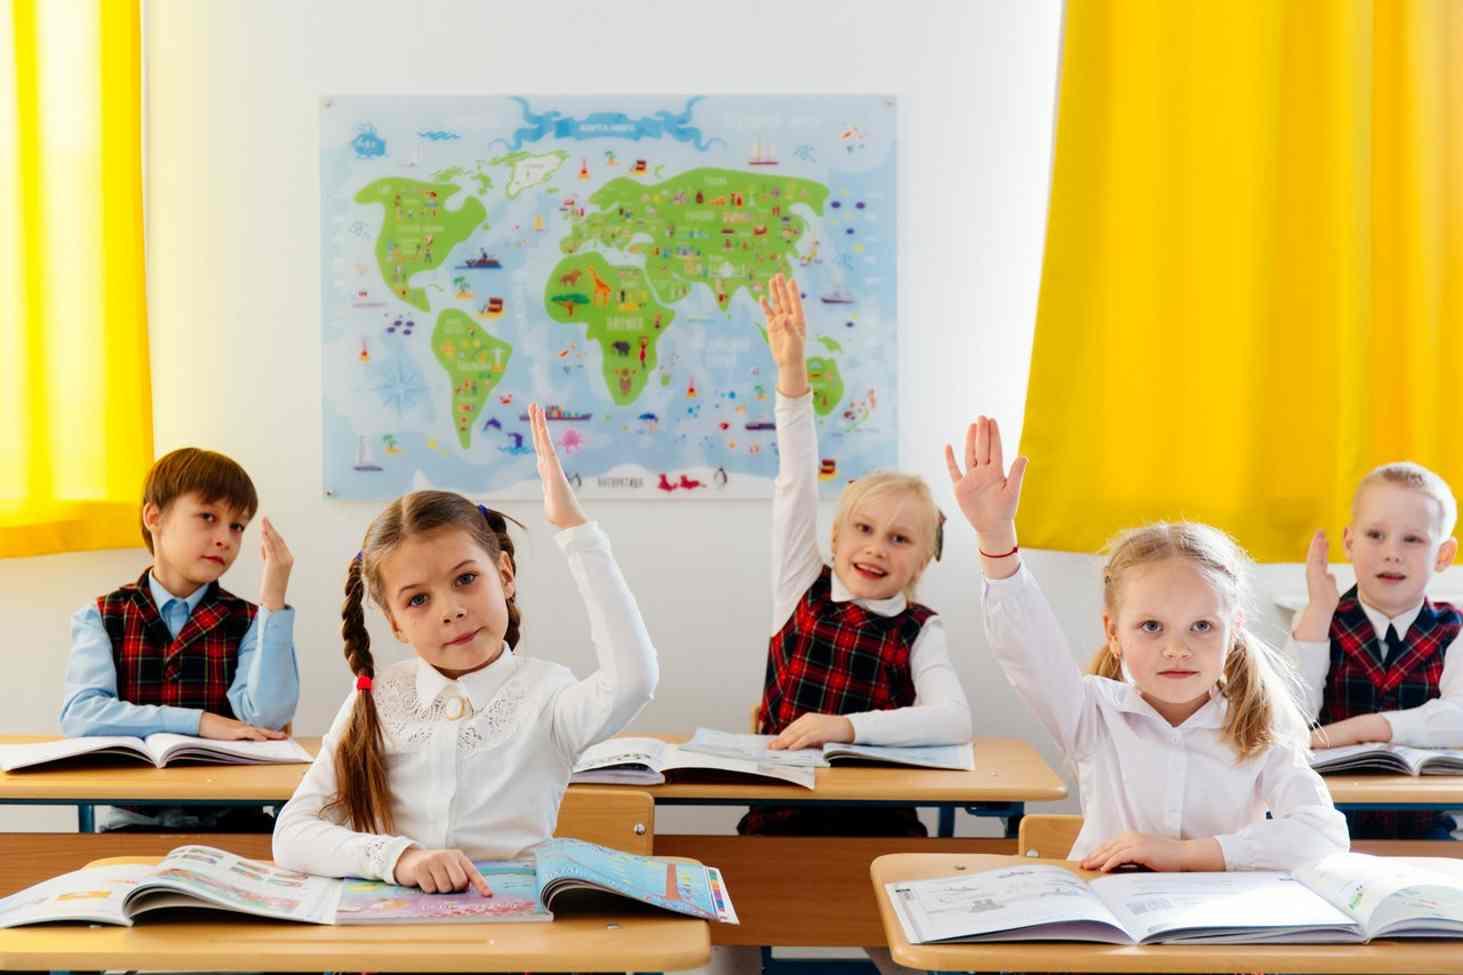 ekspert-v-2020-godu-nachnetsya-shirokaya-reforma-v-shkolnom-obrazovanii